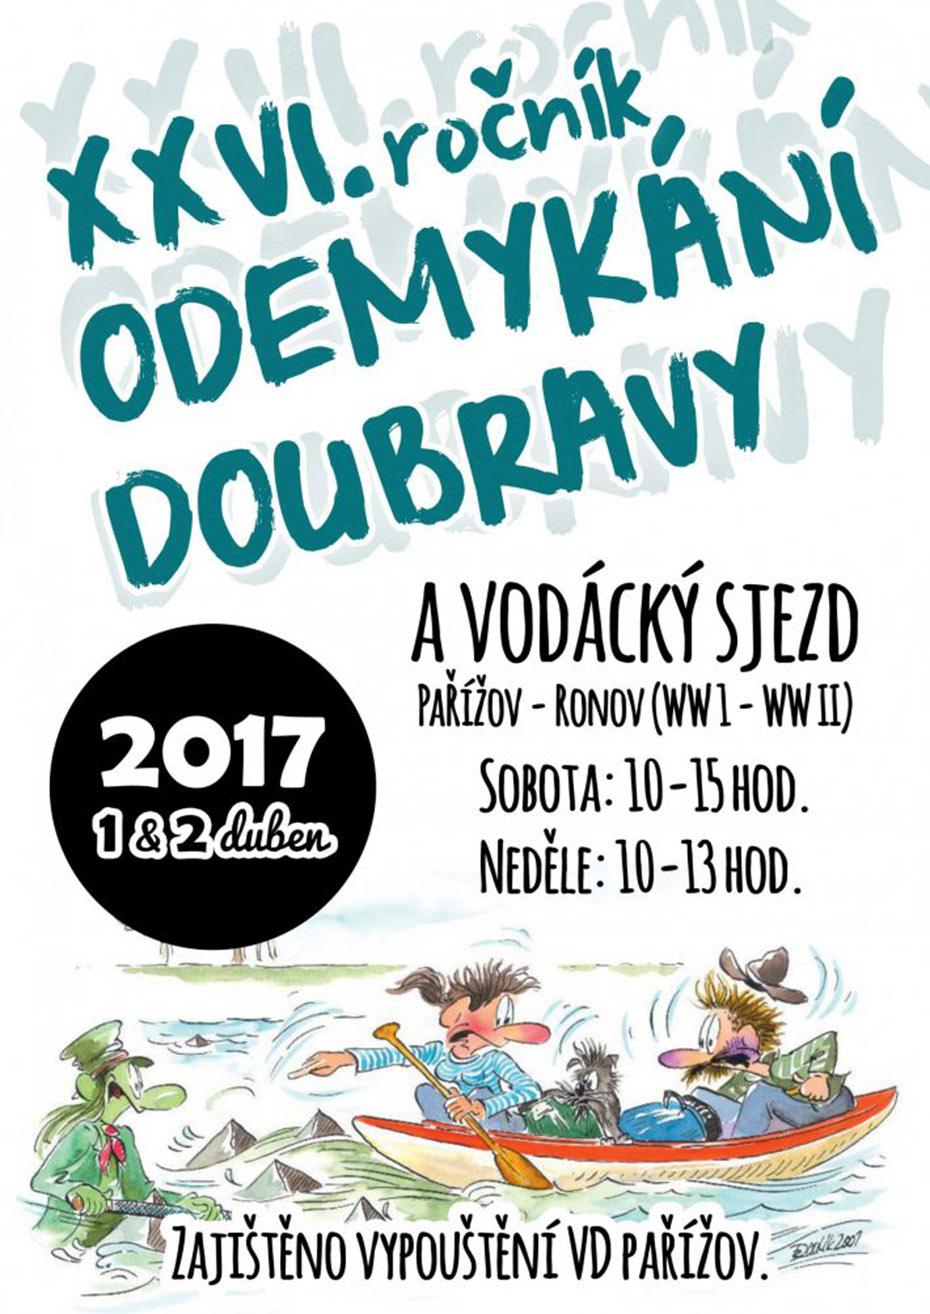 XXVI Odemykani Doubravy